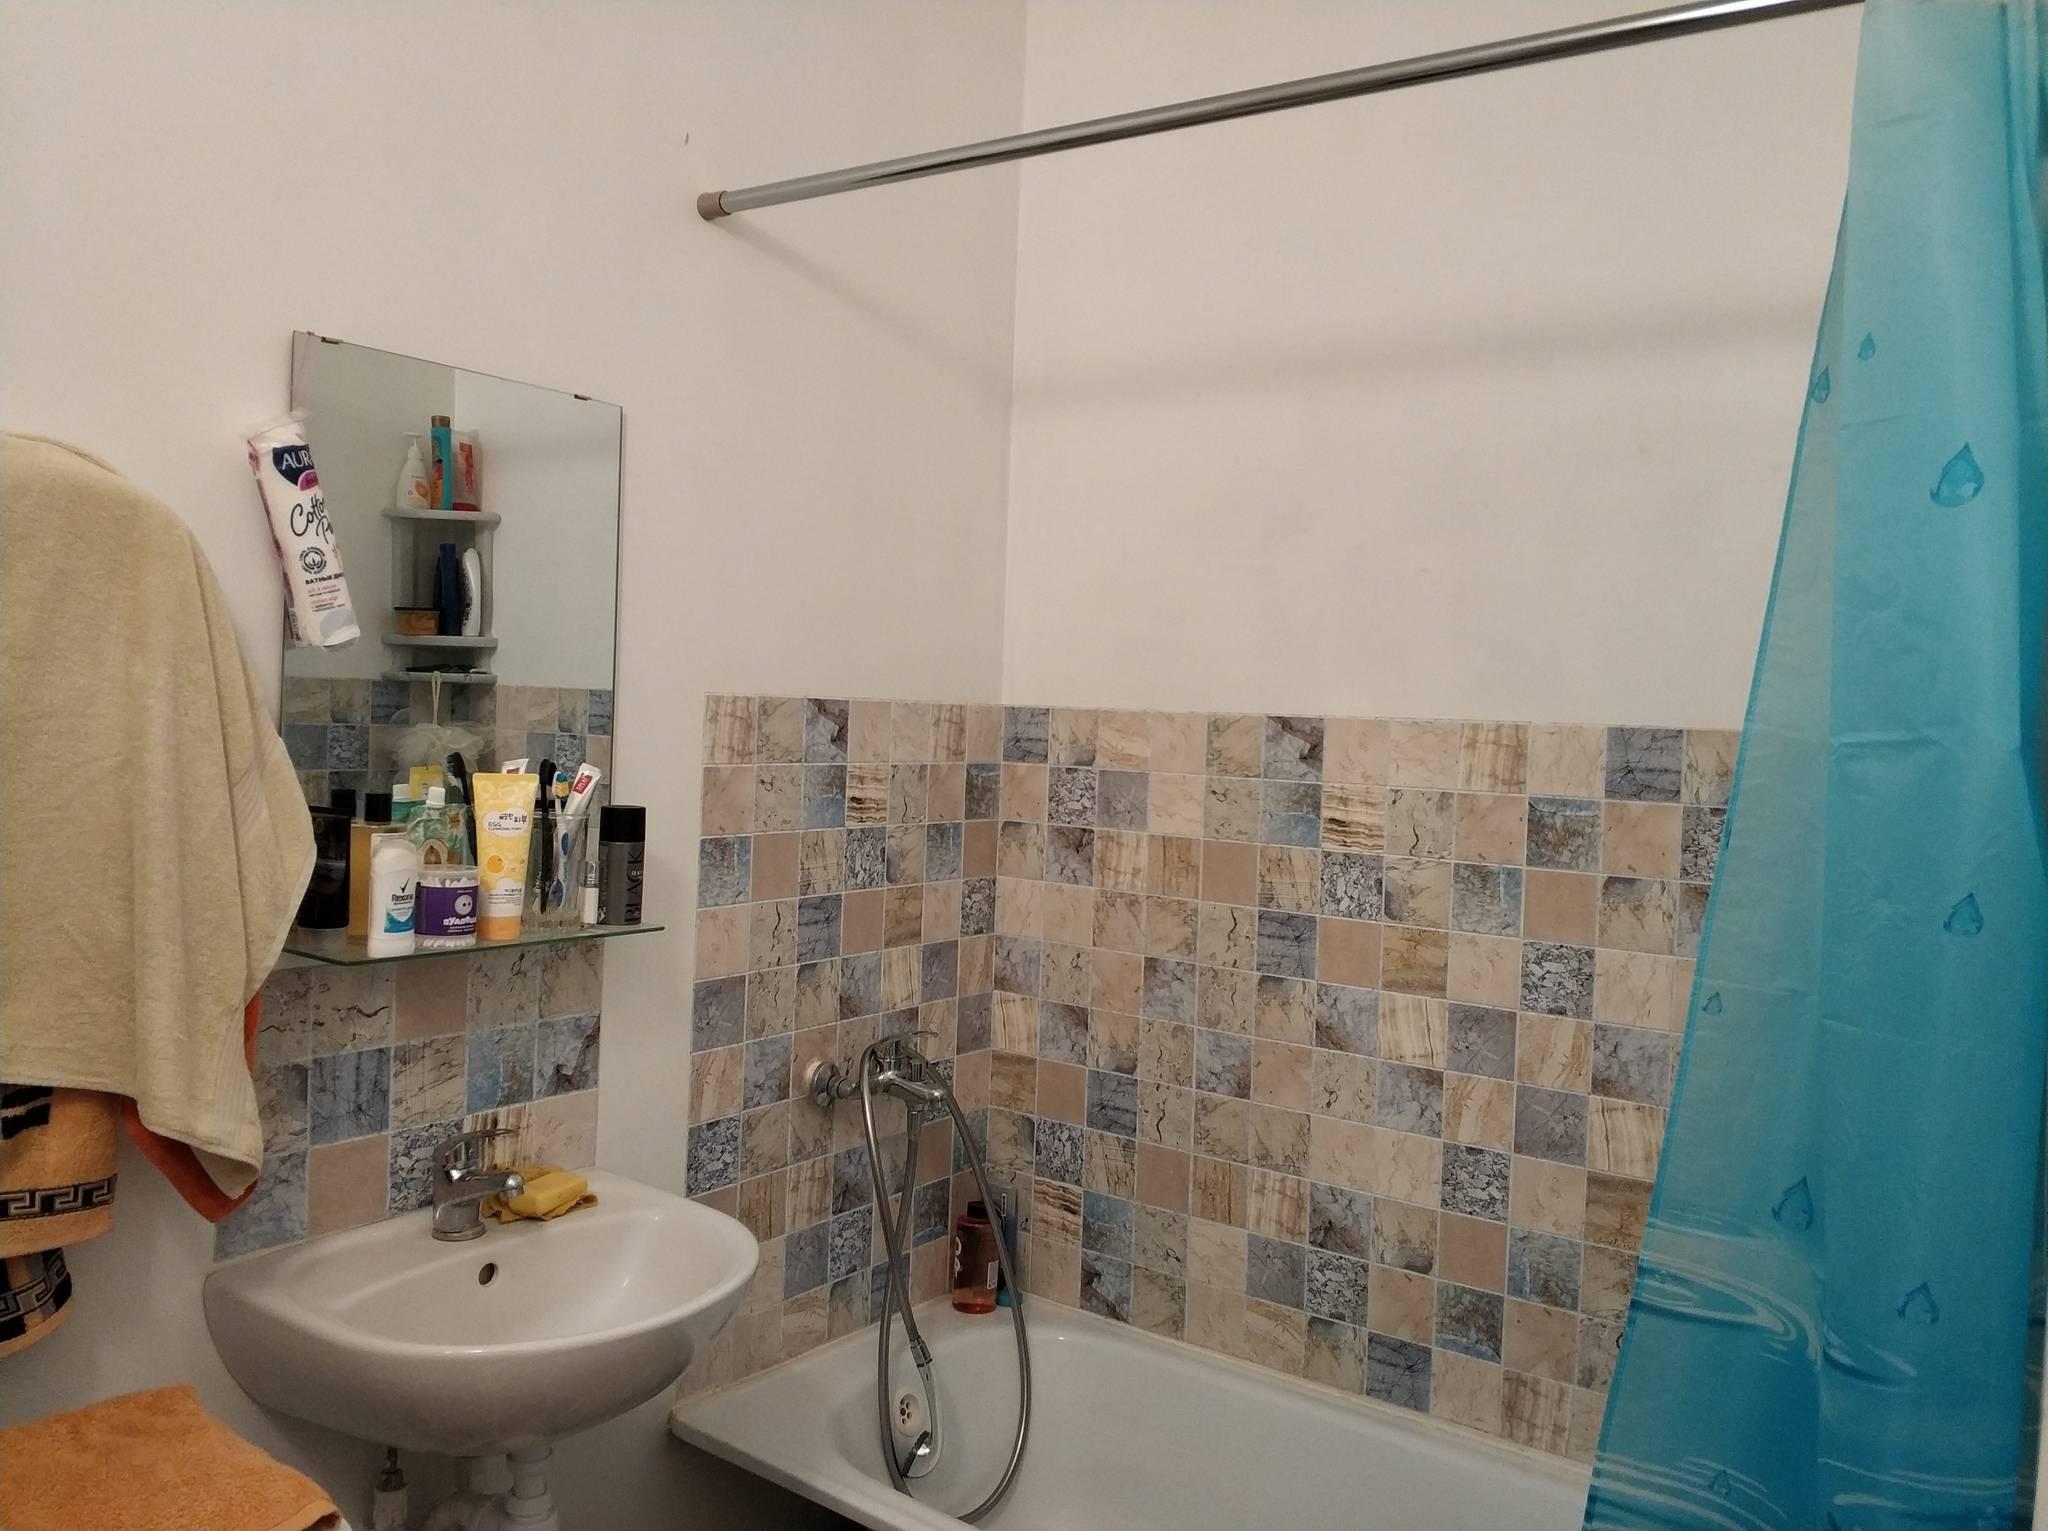 Муж для жены сделал романтичный ремонт в ванной. фото до/после